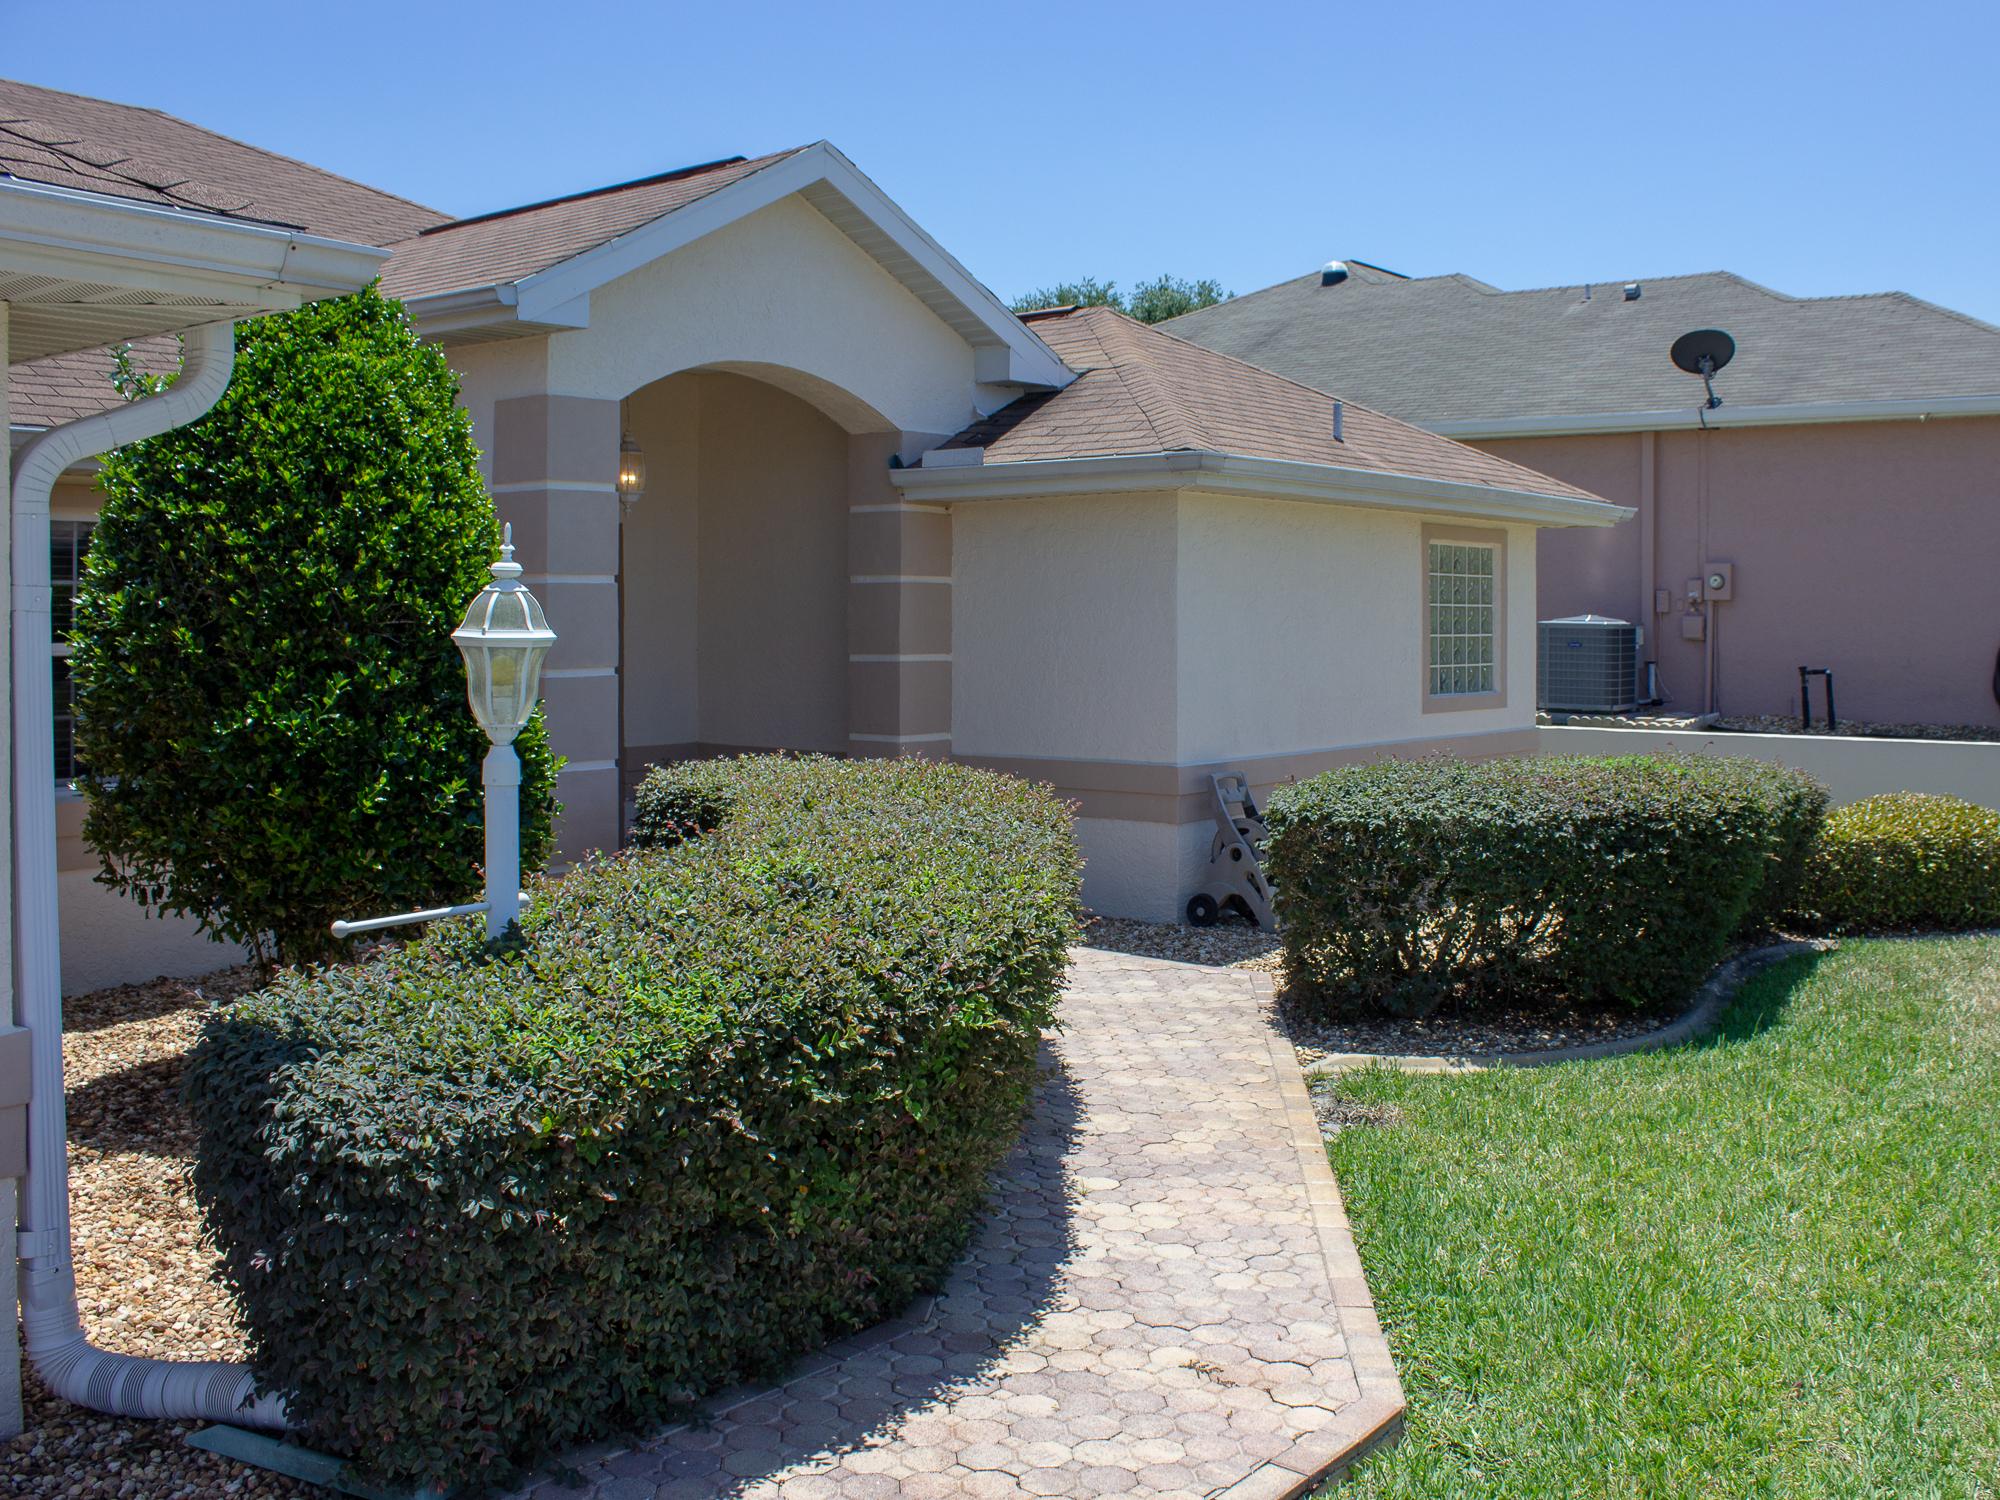 17431-SE-110th-Terrace-Summerfield-FL-34491-107-of-39